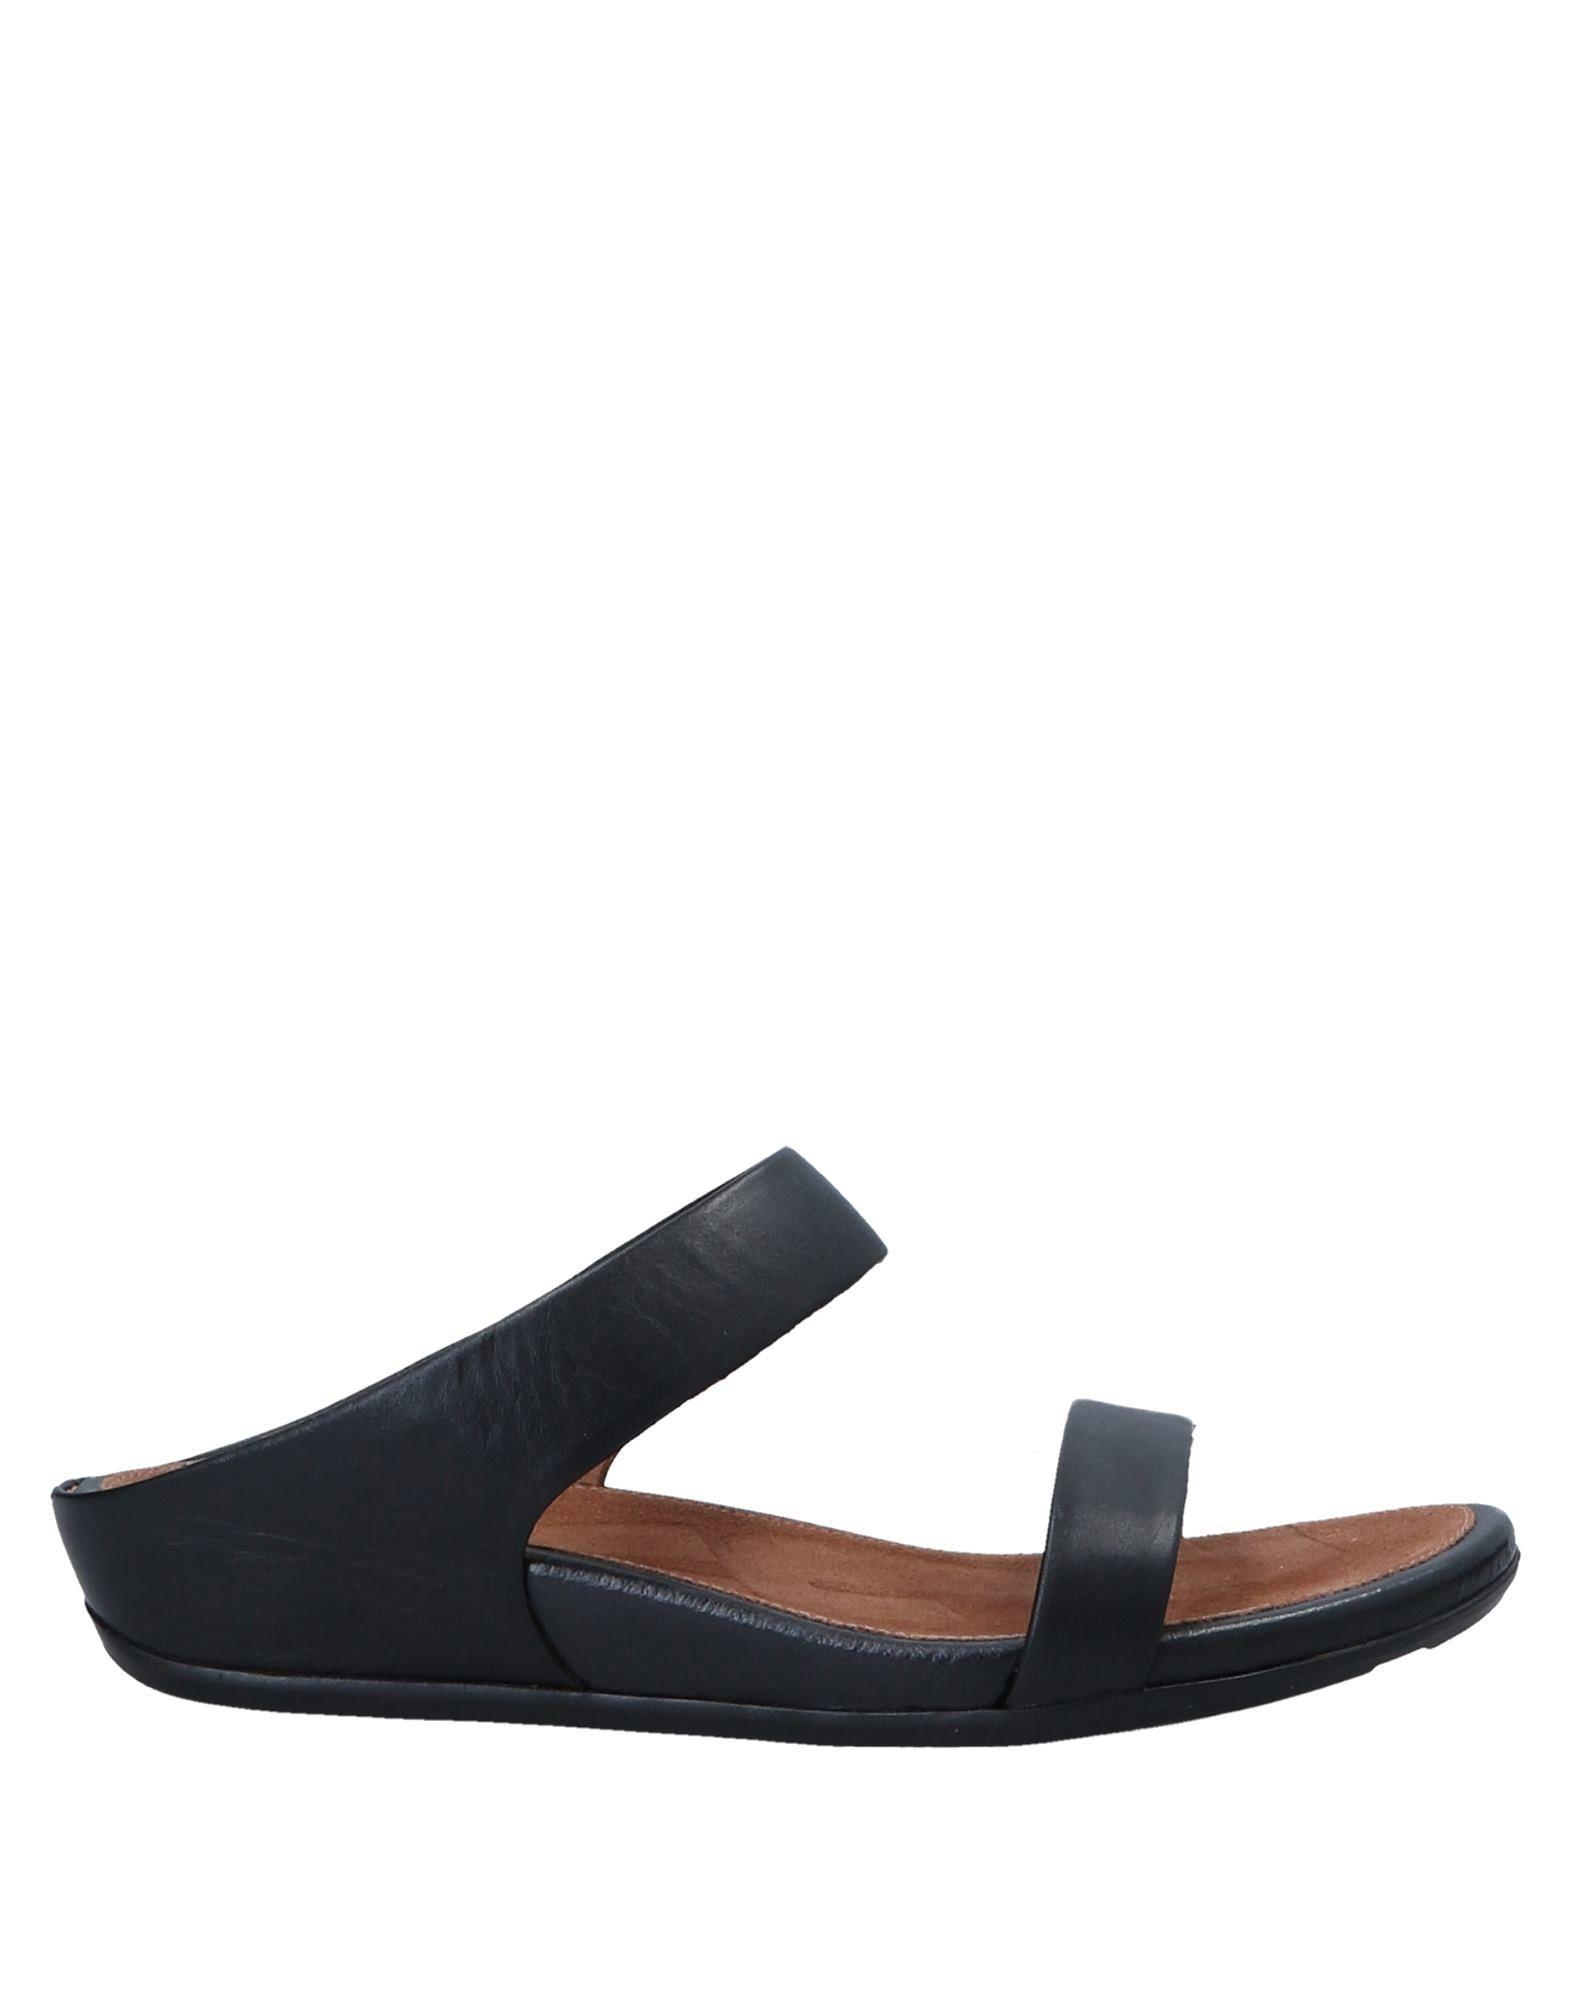 Fitflop Sandalen Qualität Damen  11548446MB Gute Qualität Sandalen beliebte Schuhe 5271f2